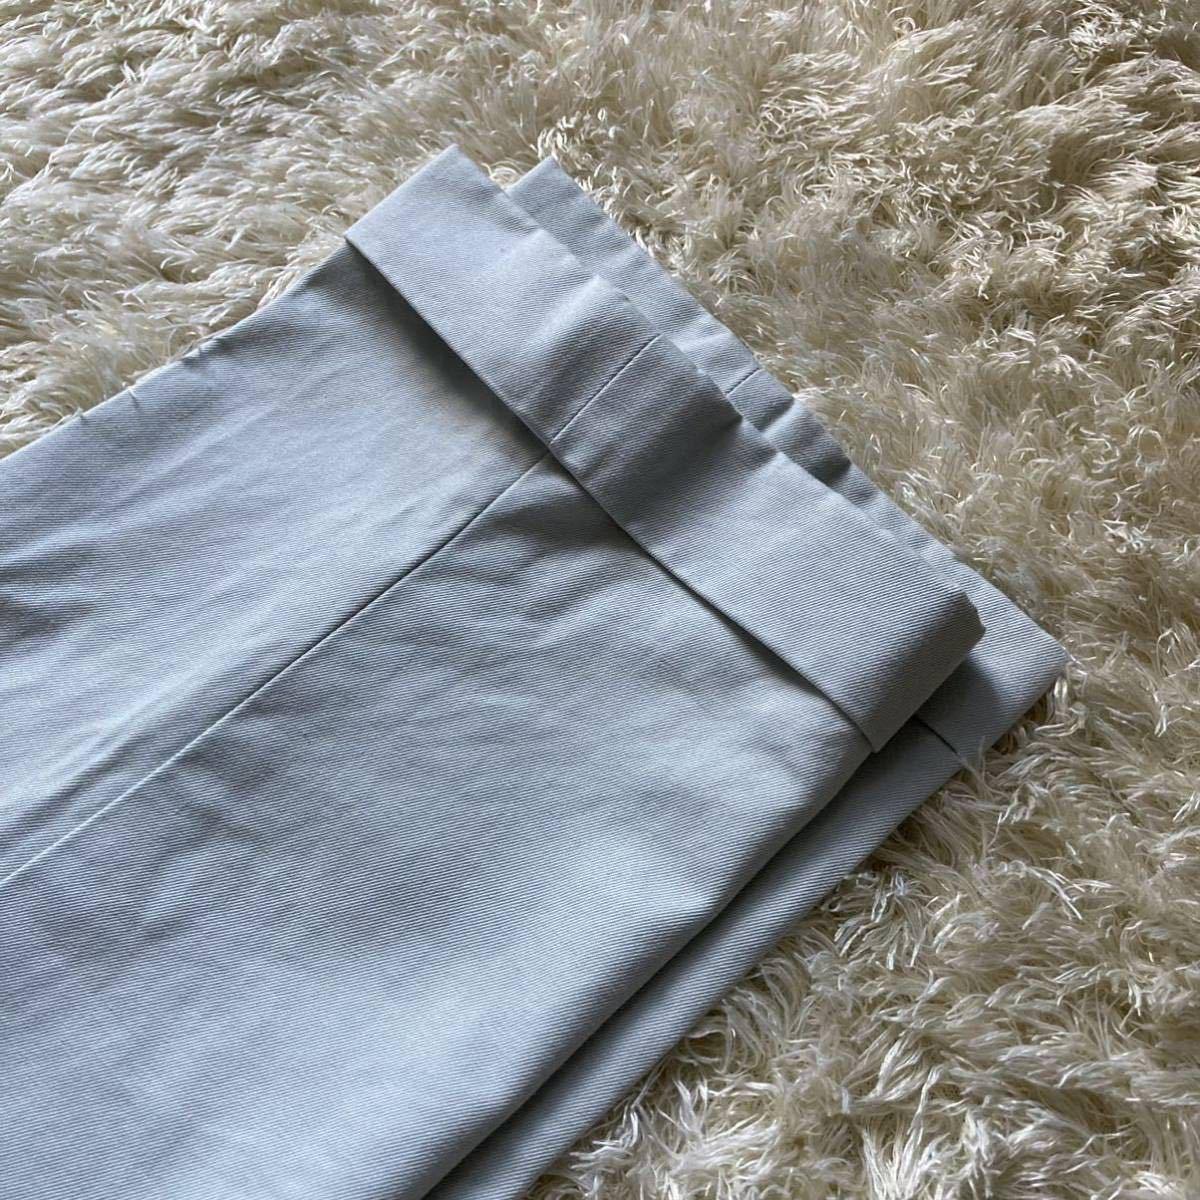 ドルチェ&ガッバーナ 「最高級の風格」DOLCE&GABBANA セットアップ 黒タグ ファッション スーツ 46 Mくらい ターコイズブルー 水色系_画像10